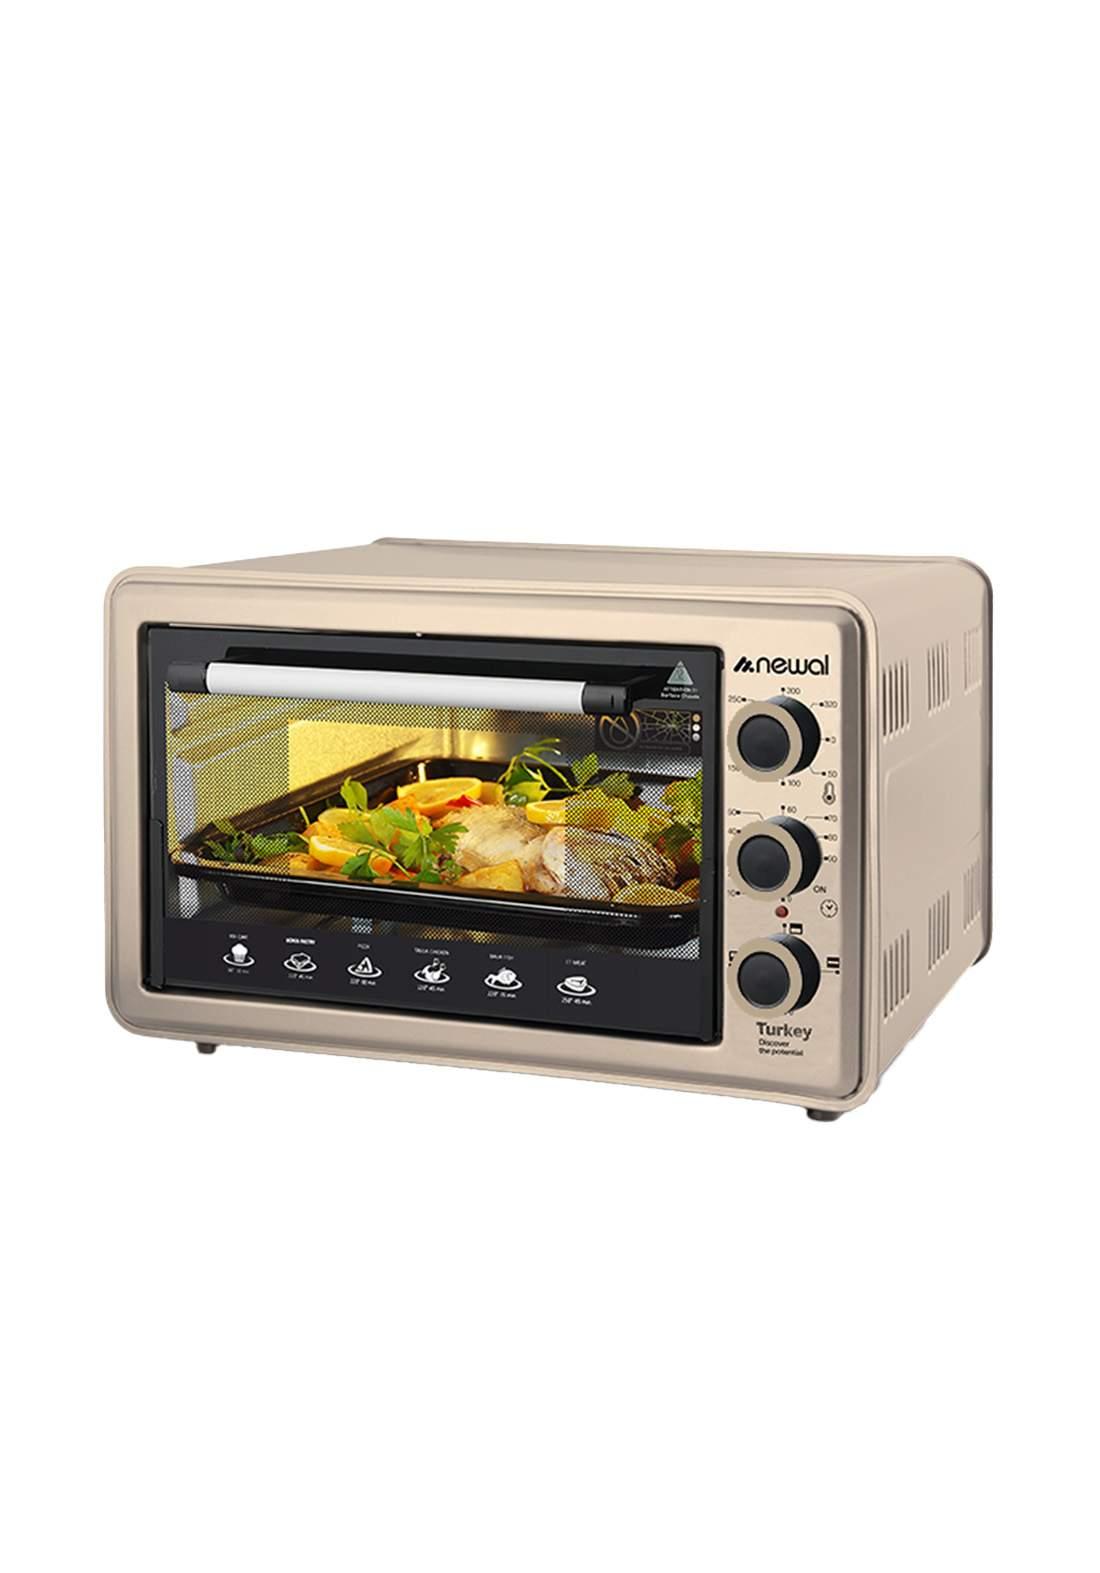 Newal Mini Oven 36L MOV-360-04 - Beige فرن كهربائي